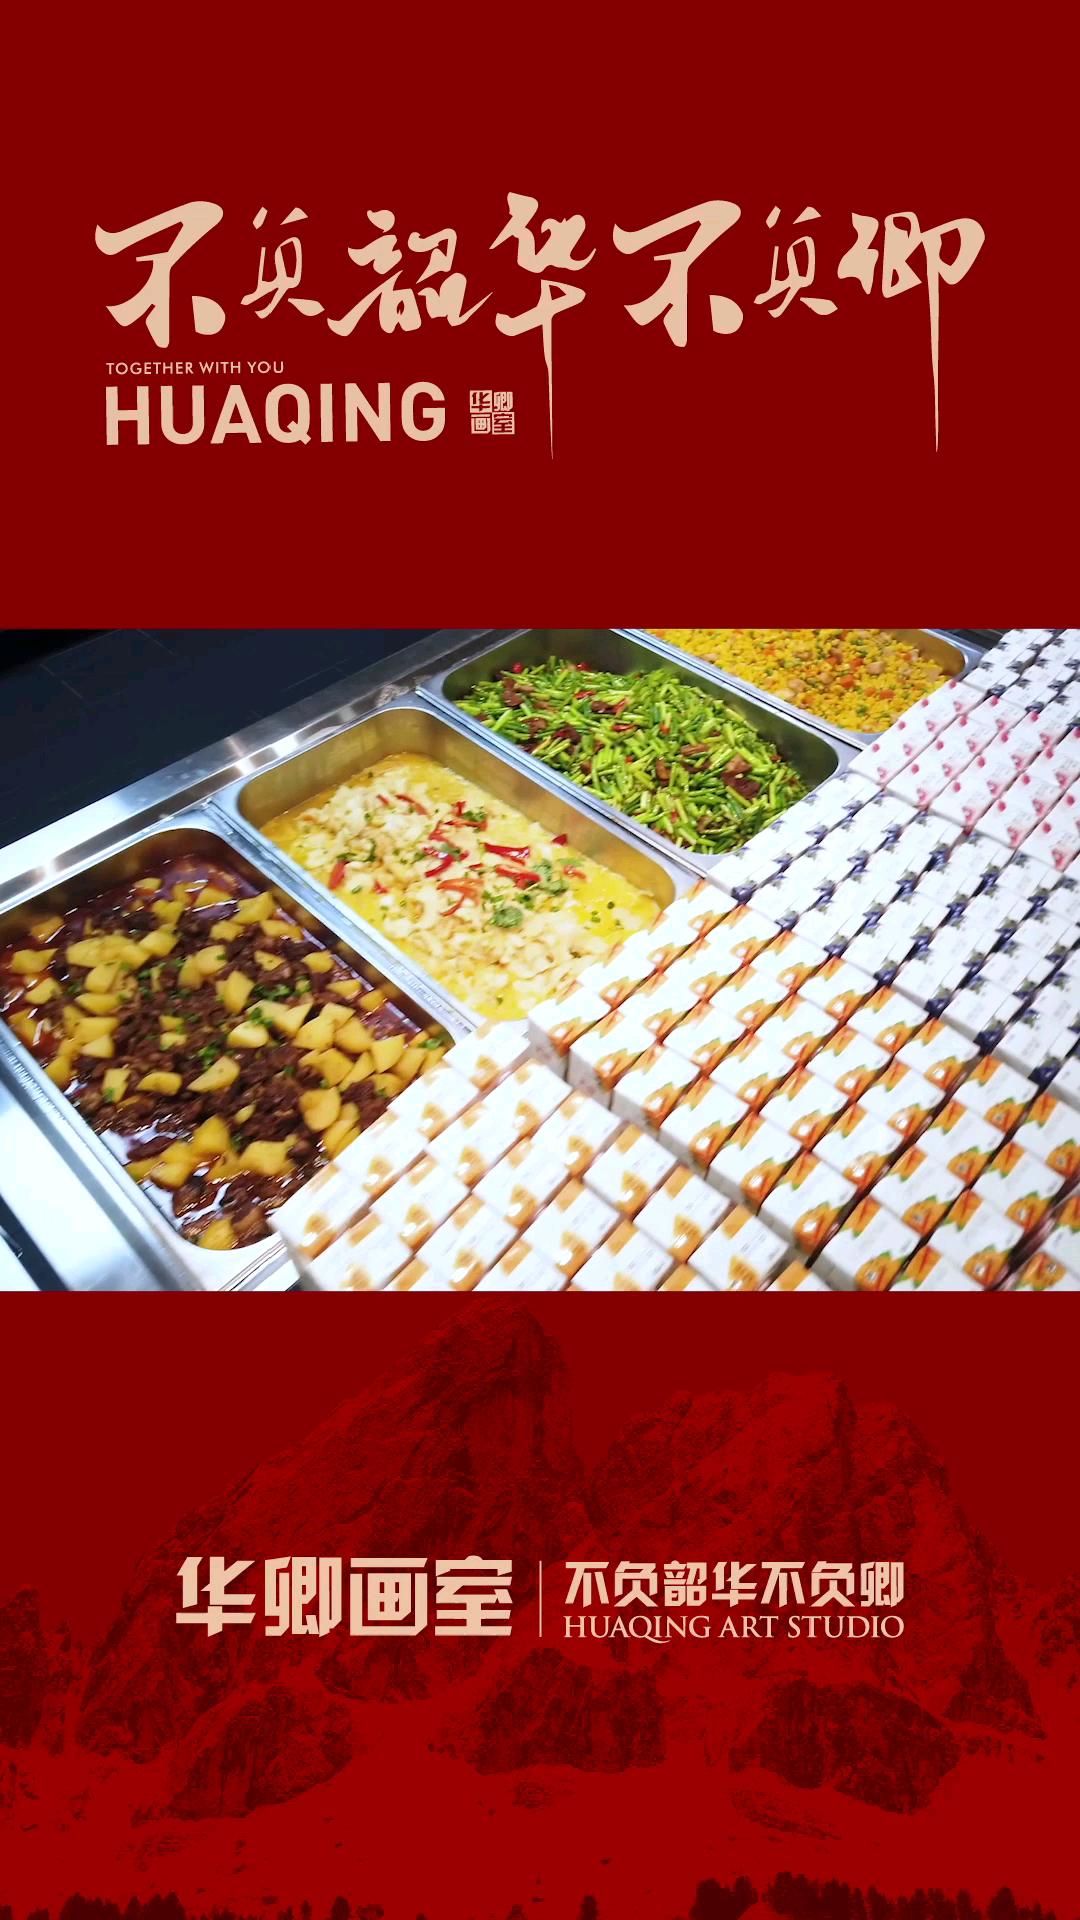 國與家撞了個滿懷,你會和食堂的什么飯菜撞個滿懷呢?#畫室 #中秋國慶動起來 #食堂